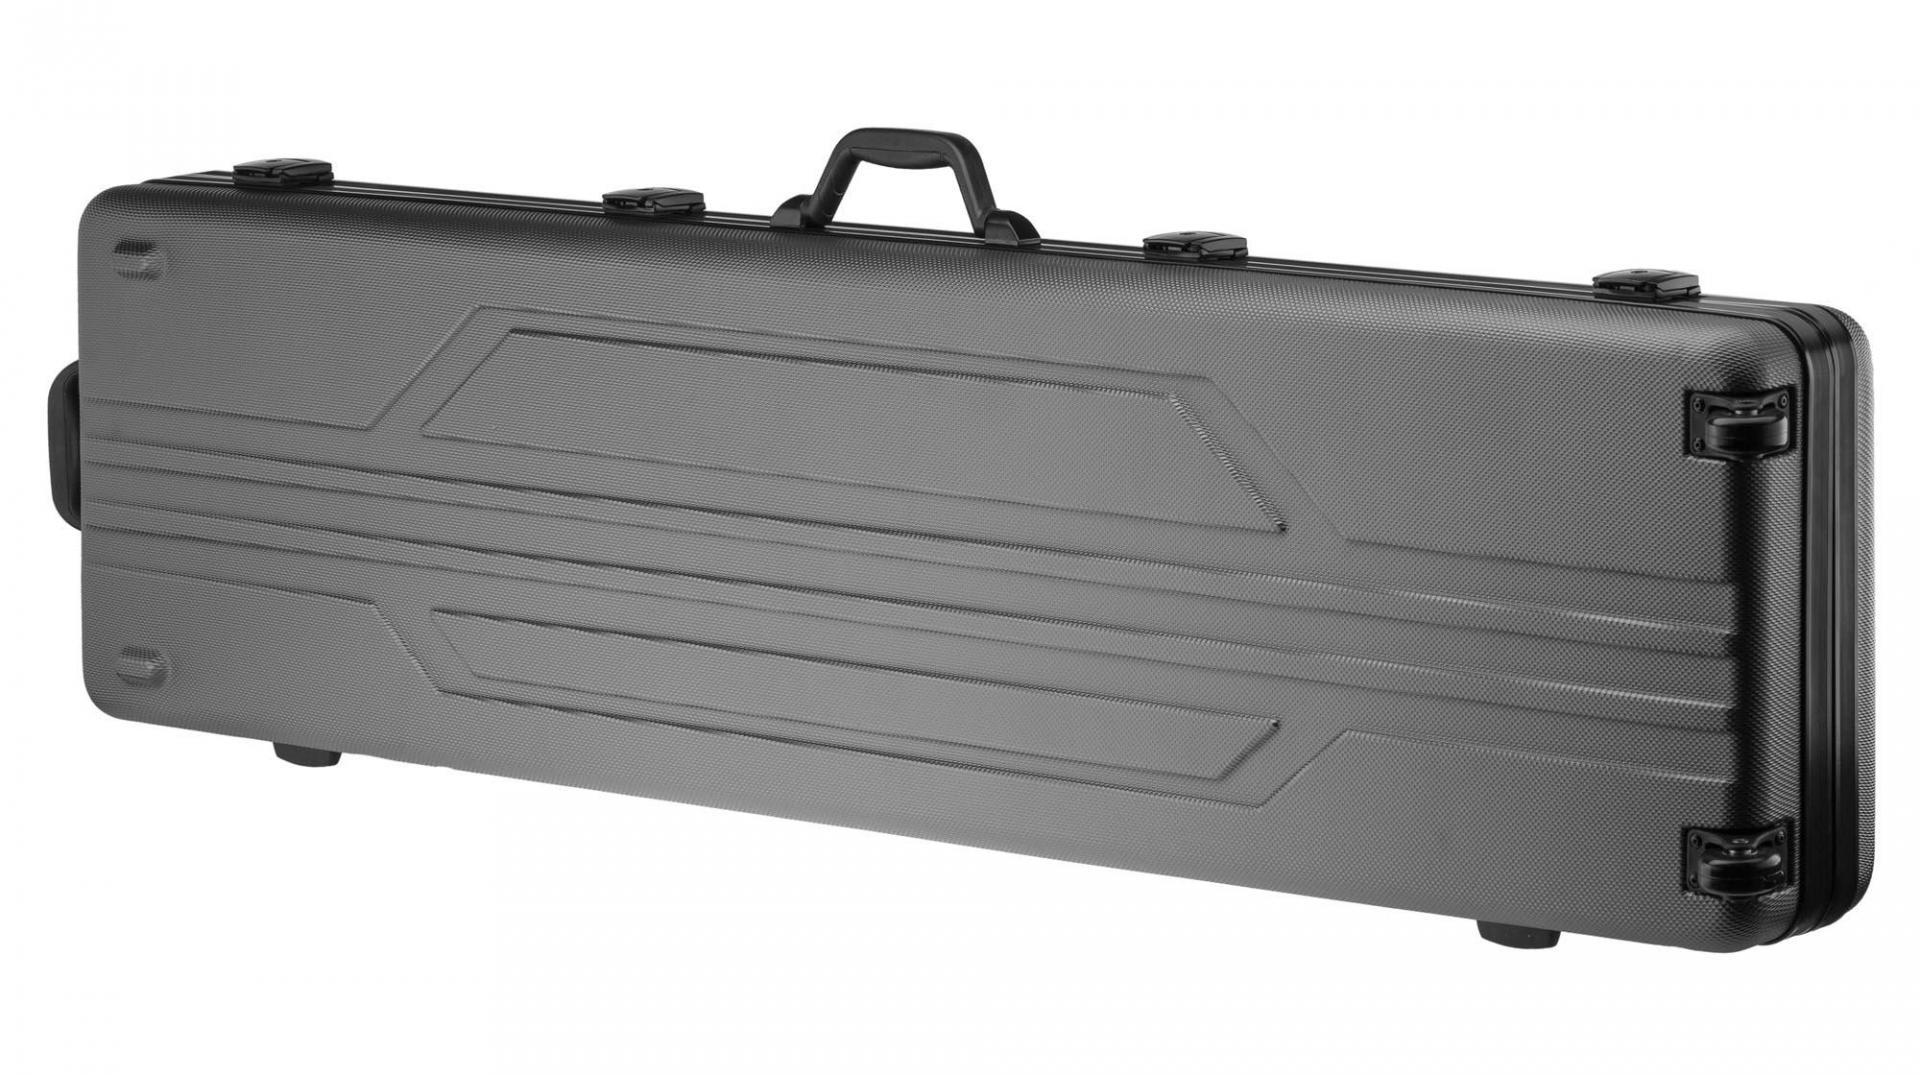 Valise noir rigide pour transport de fusil et carabine arme longue